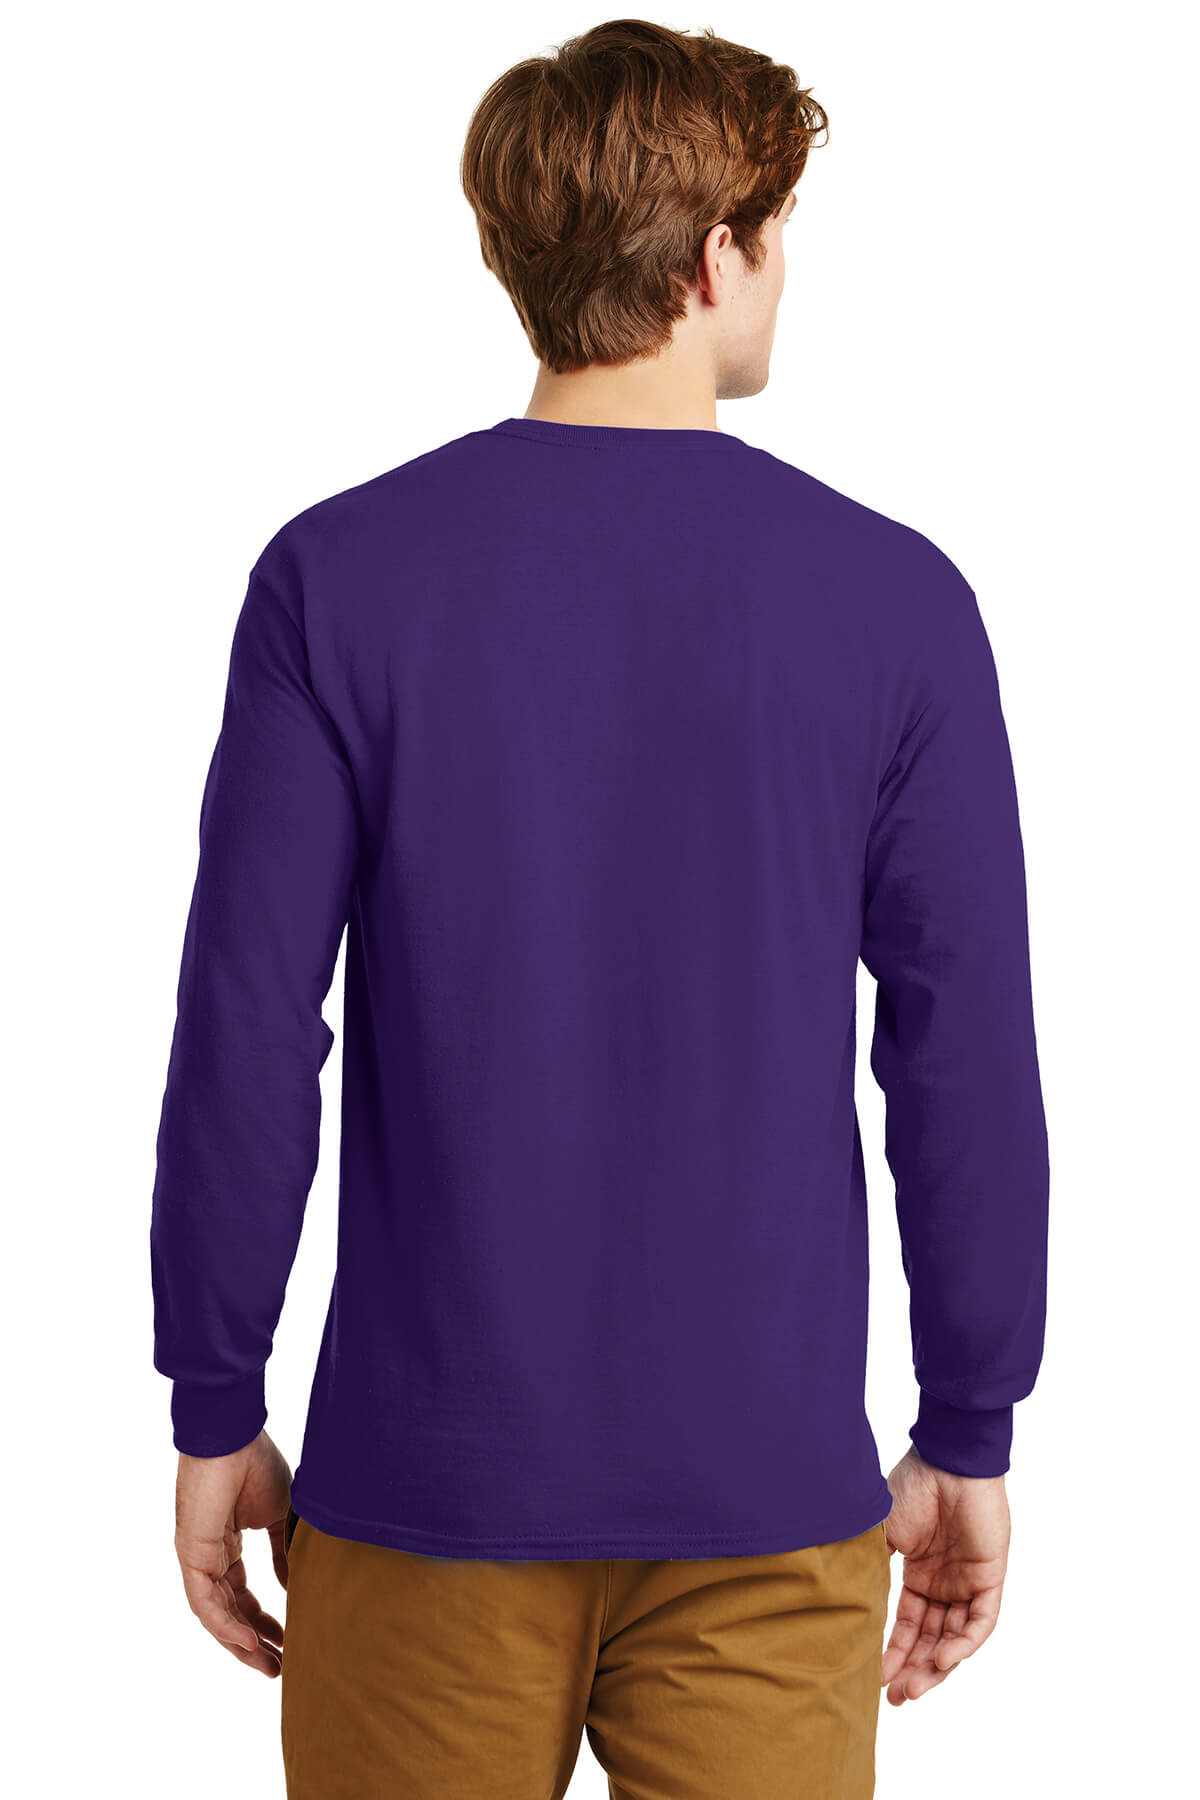 g2400-purple-1